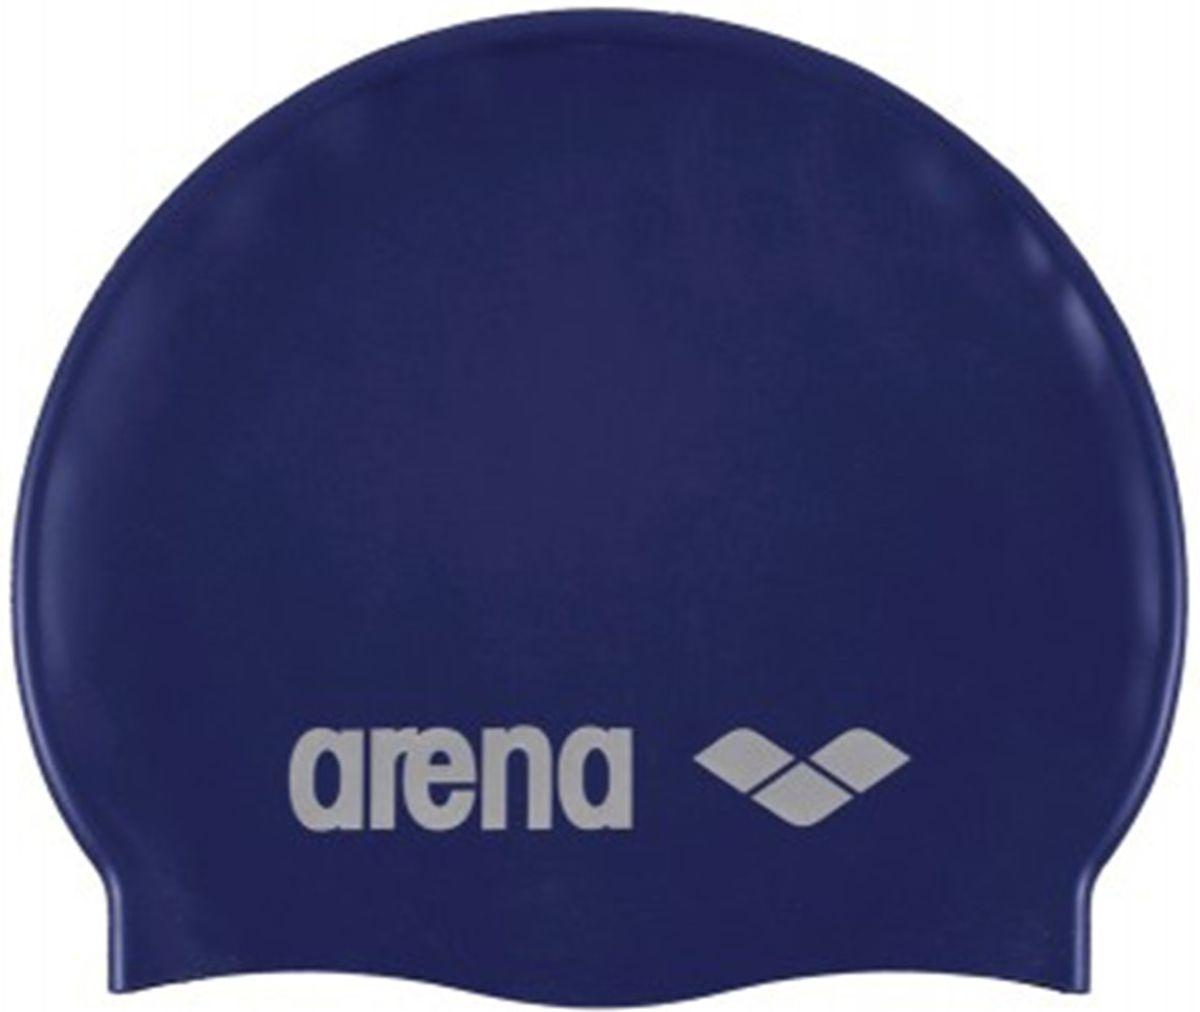 Шапочка для плавания Arena Classic Silicone Cap, цвет: темно-синийУТ-00009535Шапочка для плавания (силиконовая) Arena Classic Silicone Cap - комфортная мягкая шапочка для тренировок. Классическая плоская форма.Модель шапочки для плавания из силикона на ощупь материал препятствует склеиванию и прилипанию волос, облегчает снятие шапочки после использования.Силикон быстро сохнет, его не нужно посыпать тальком – достаточно после сеанса в бассейне сполоснуть шапочку в пресной проточной воде и высушить при комнатной температуре. Силиконовые шапочки довольно прочные, но длинные волосы лучше закреплять резинками, а не заколками. Силикон не вызывает аллергии и может использоваться людьми с чувствительной кожей.Характеристики:Материал: 100% силиконЦвет: denim/silverРазмер: один